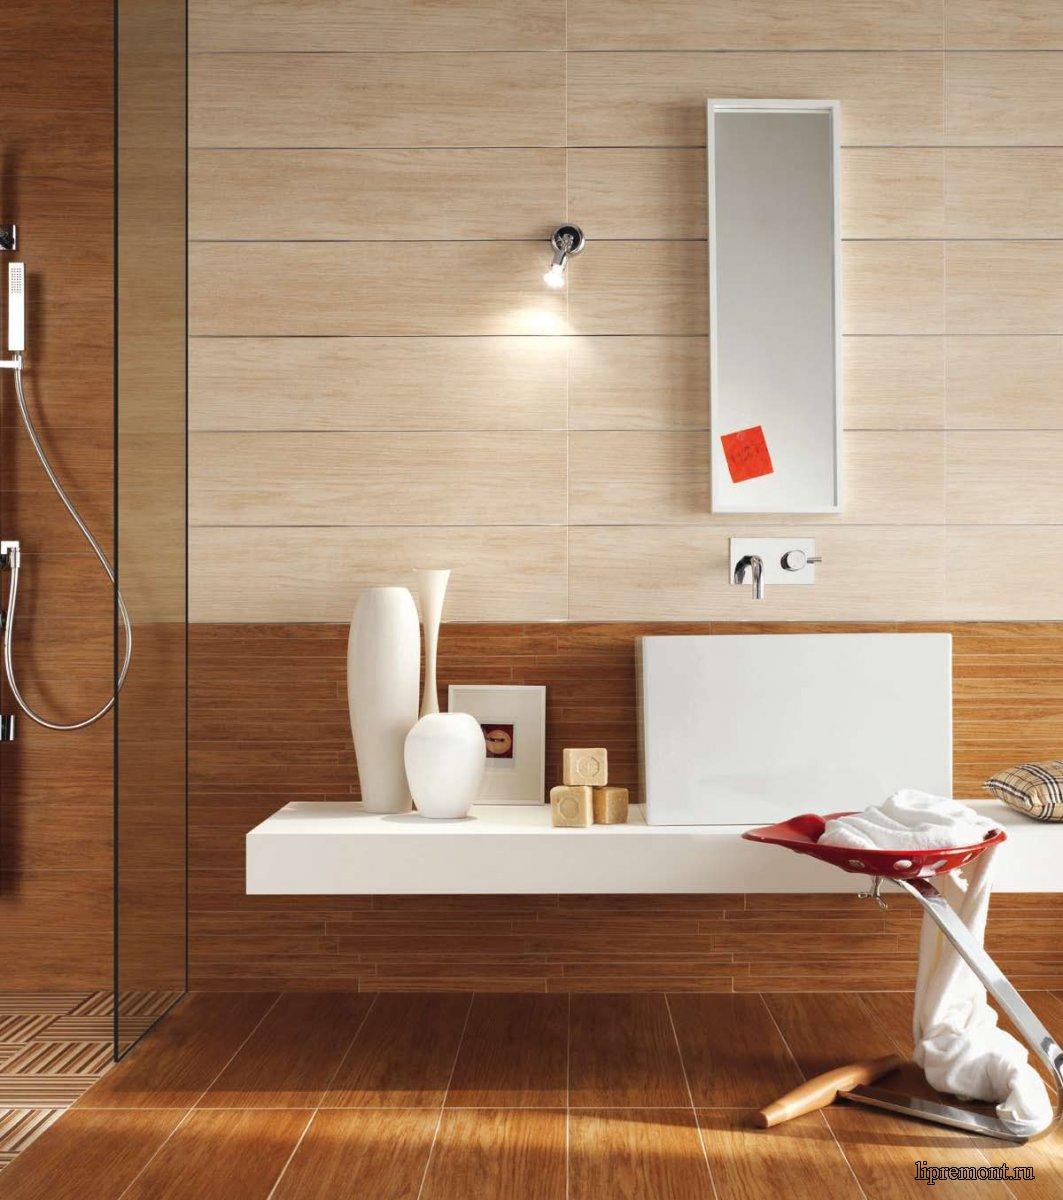 Плитка под дерево в ванной, особенности и преимущества